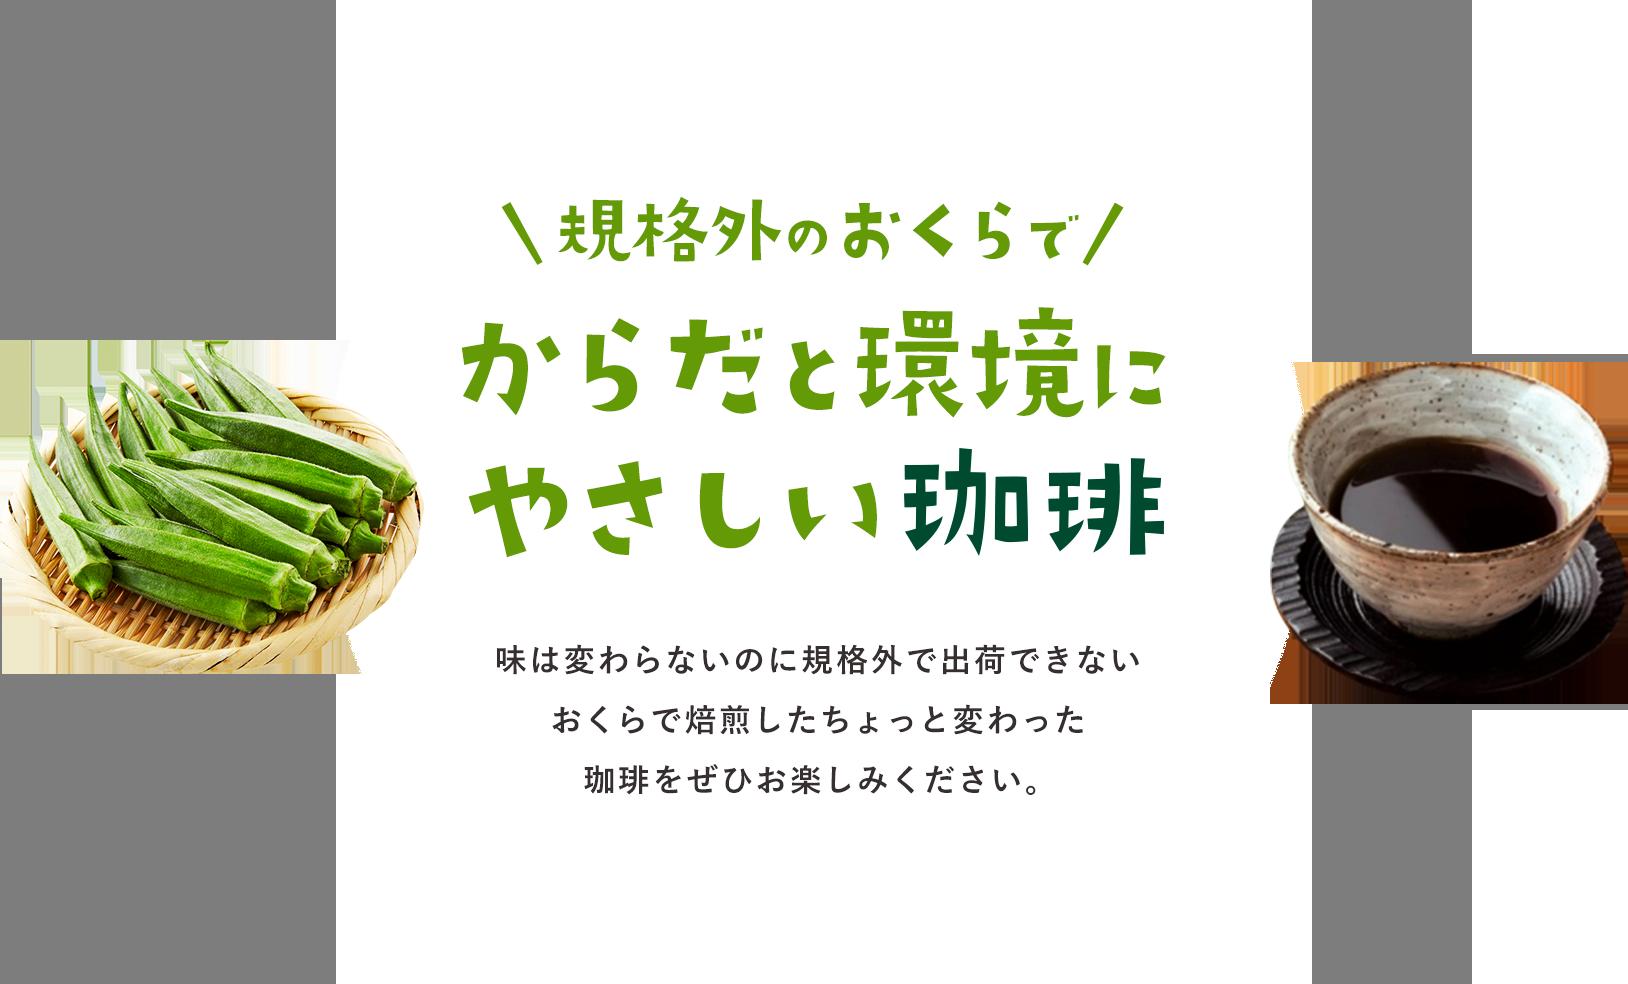 き いれ 浜田 クリニック